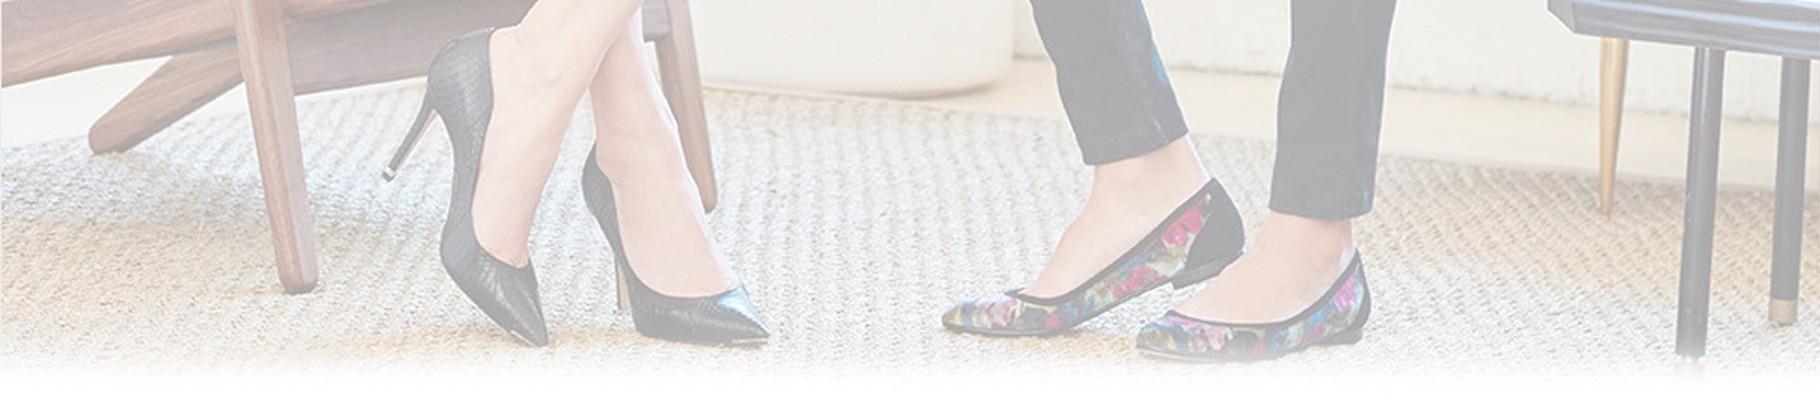 In questa sezione troverete scarpe firmate dalle linee classiche